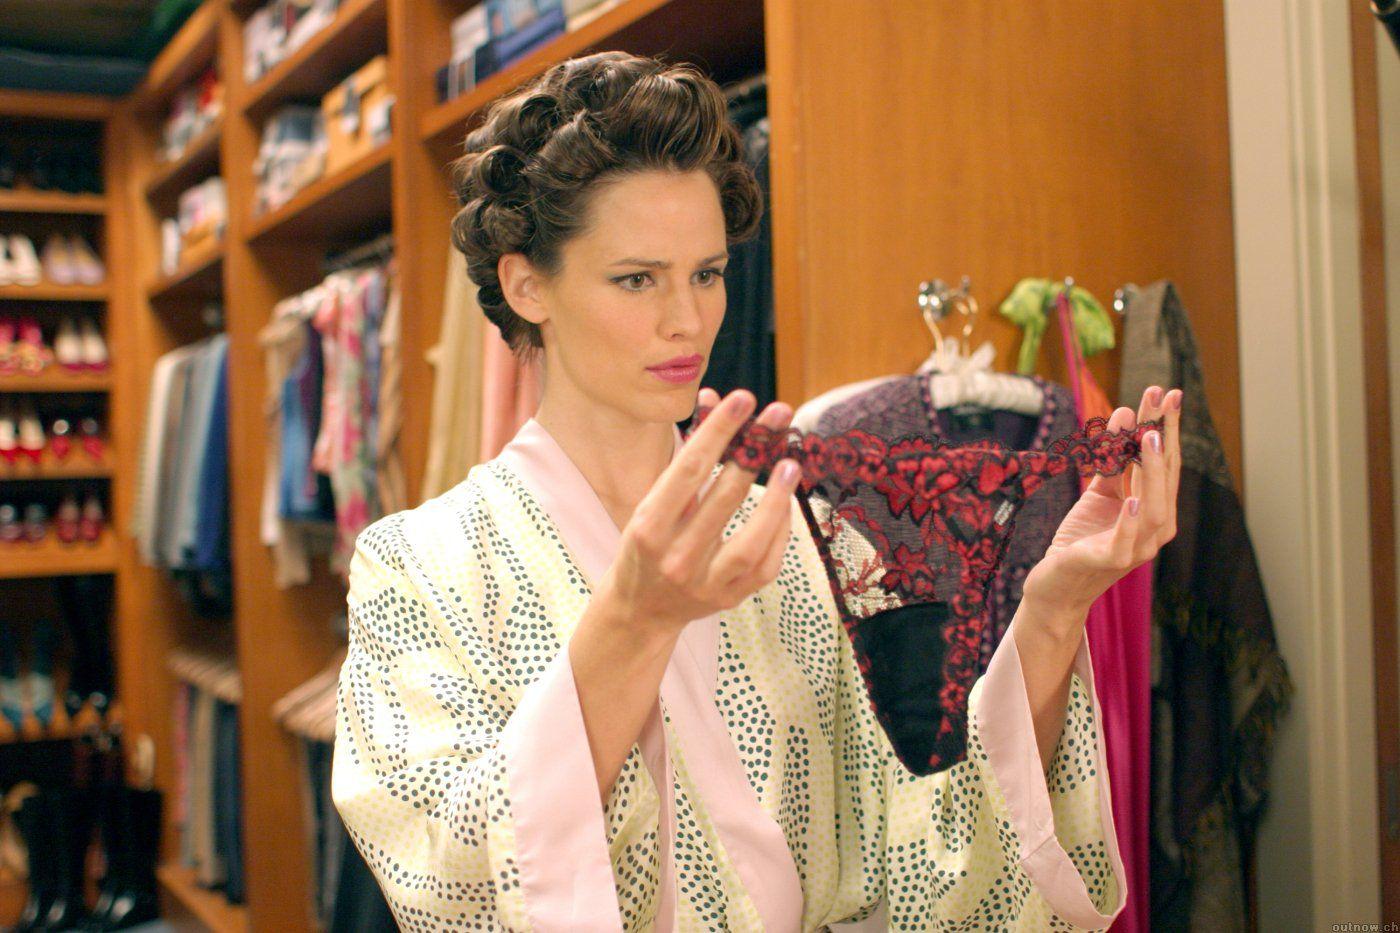 Mujeres En Minifalda Sin Tanga 13 situaciones en las que no deberías ponerte tanga